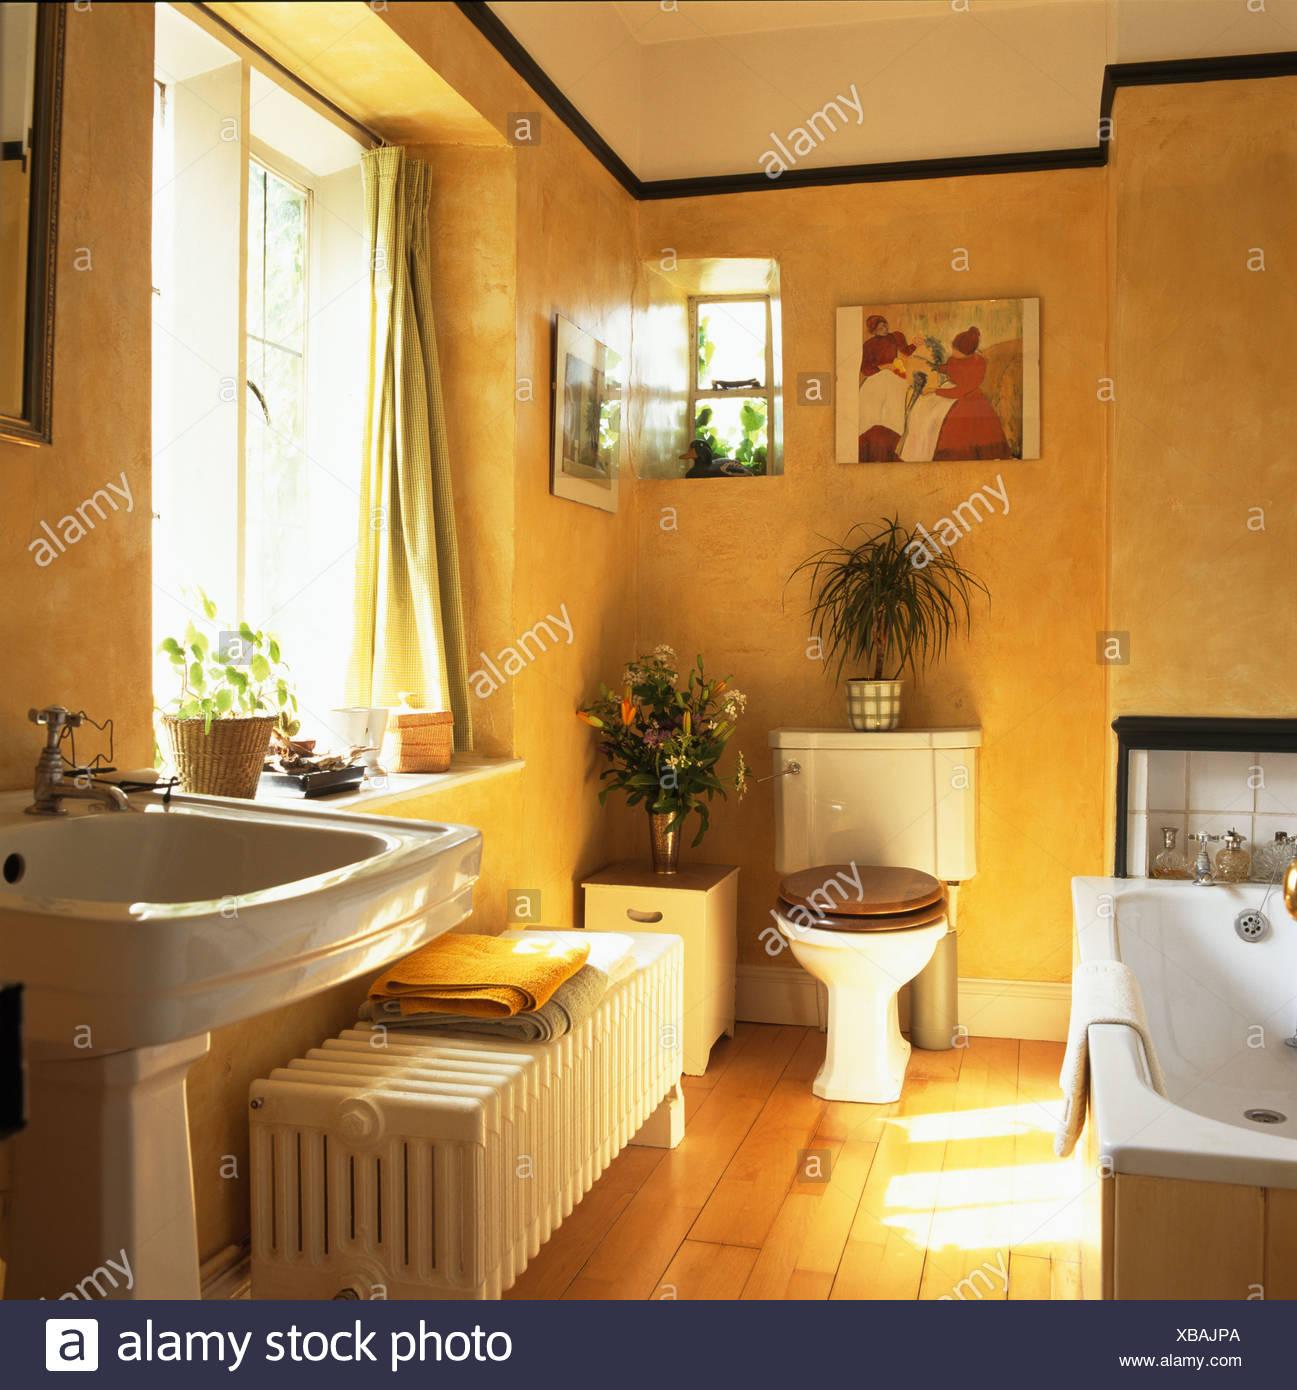 Grande radiatore bianco e pavimenti in legno nel tradizionale bagno di colore giallo foto - Bagno di colore ...